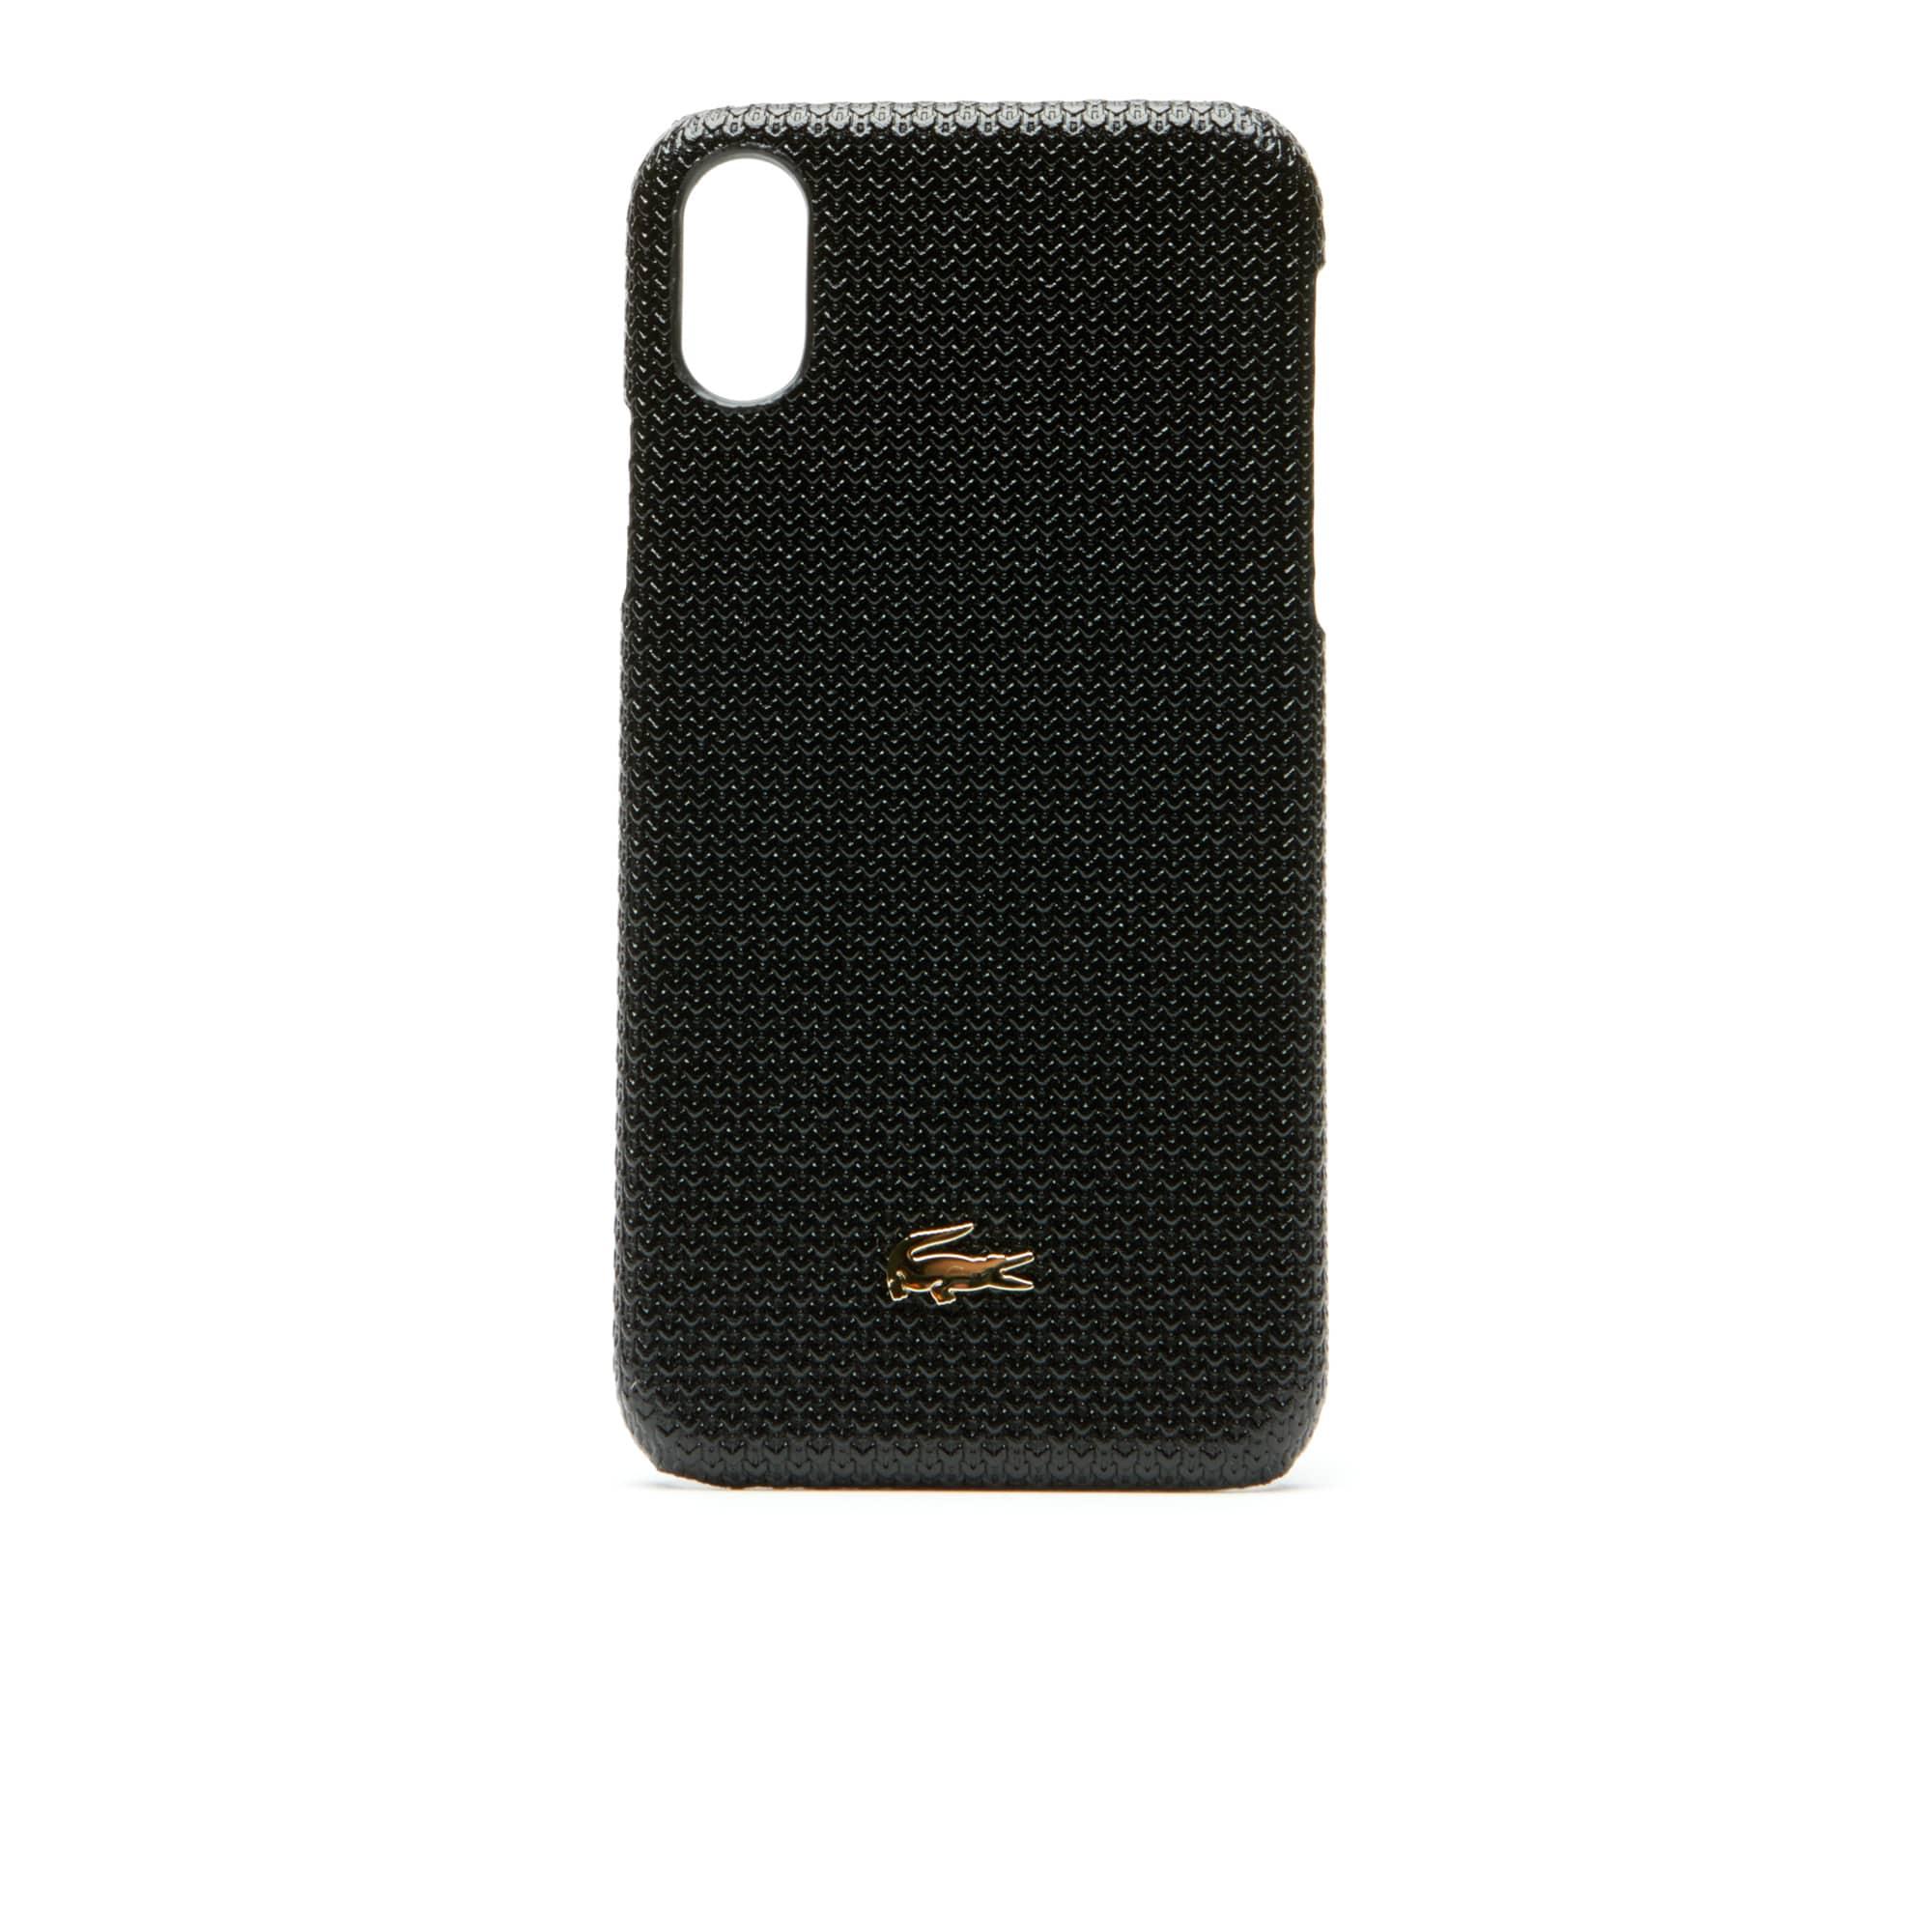 Capa para iPhone X Chantaco em pele piqué